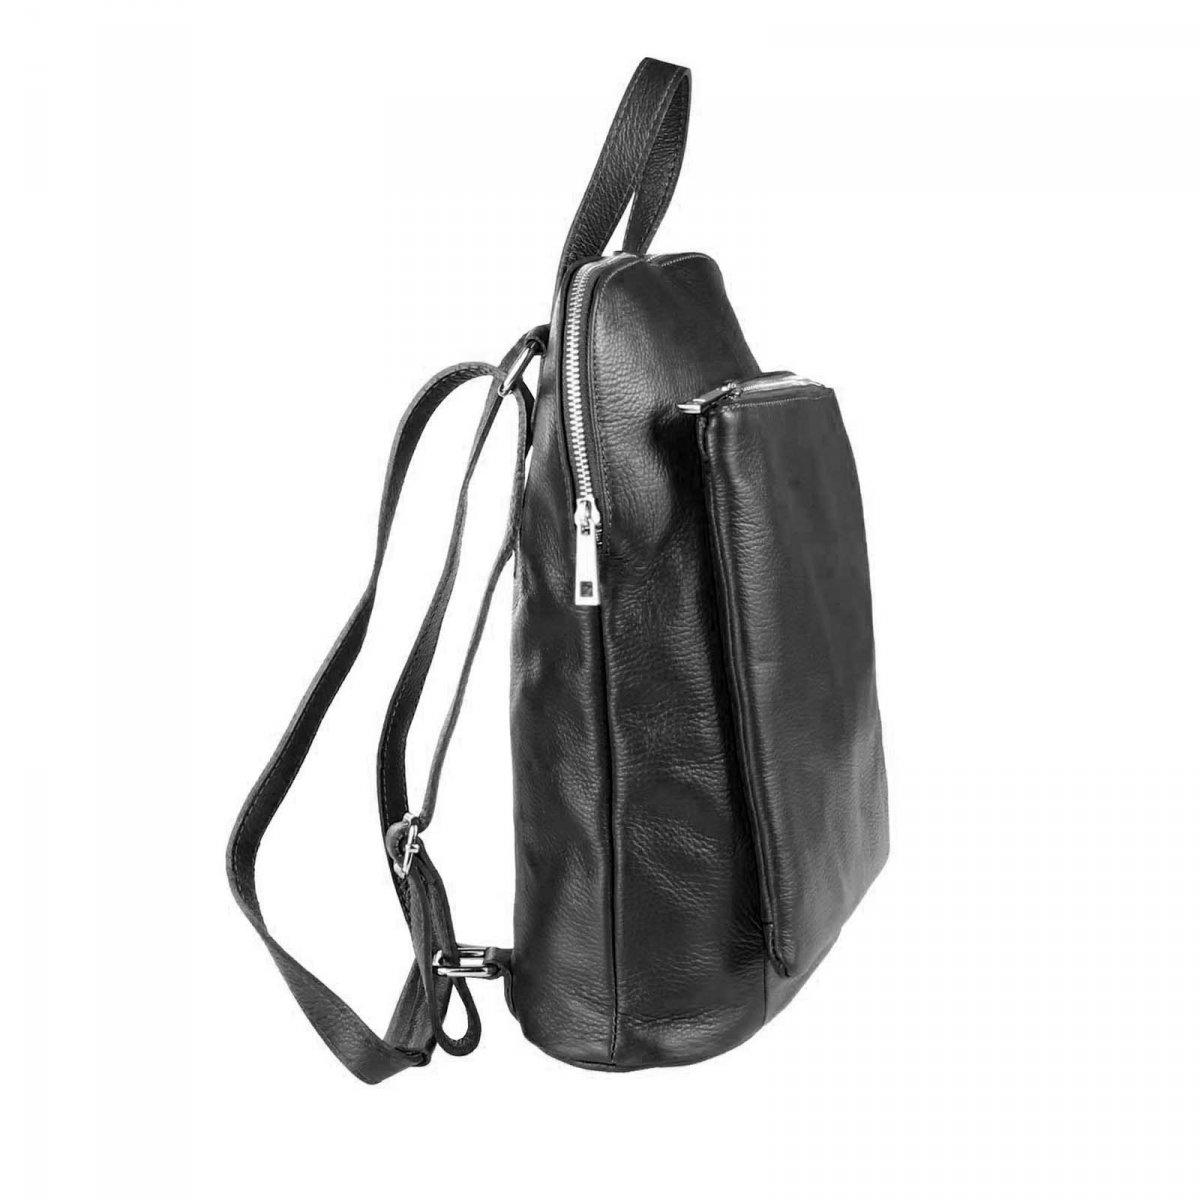 obc made in italy damen echt leder rucksack daypack lederrucksack tasche schultertasche le. Black Bedroom Furniture Sets. Home Design Ideas